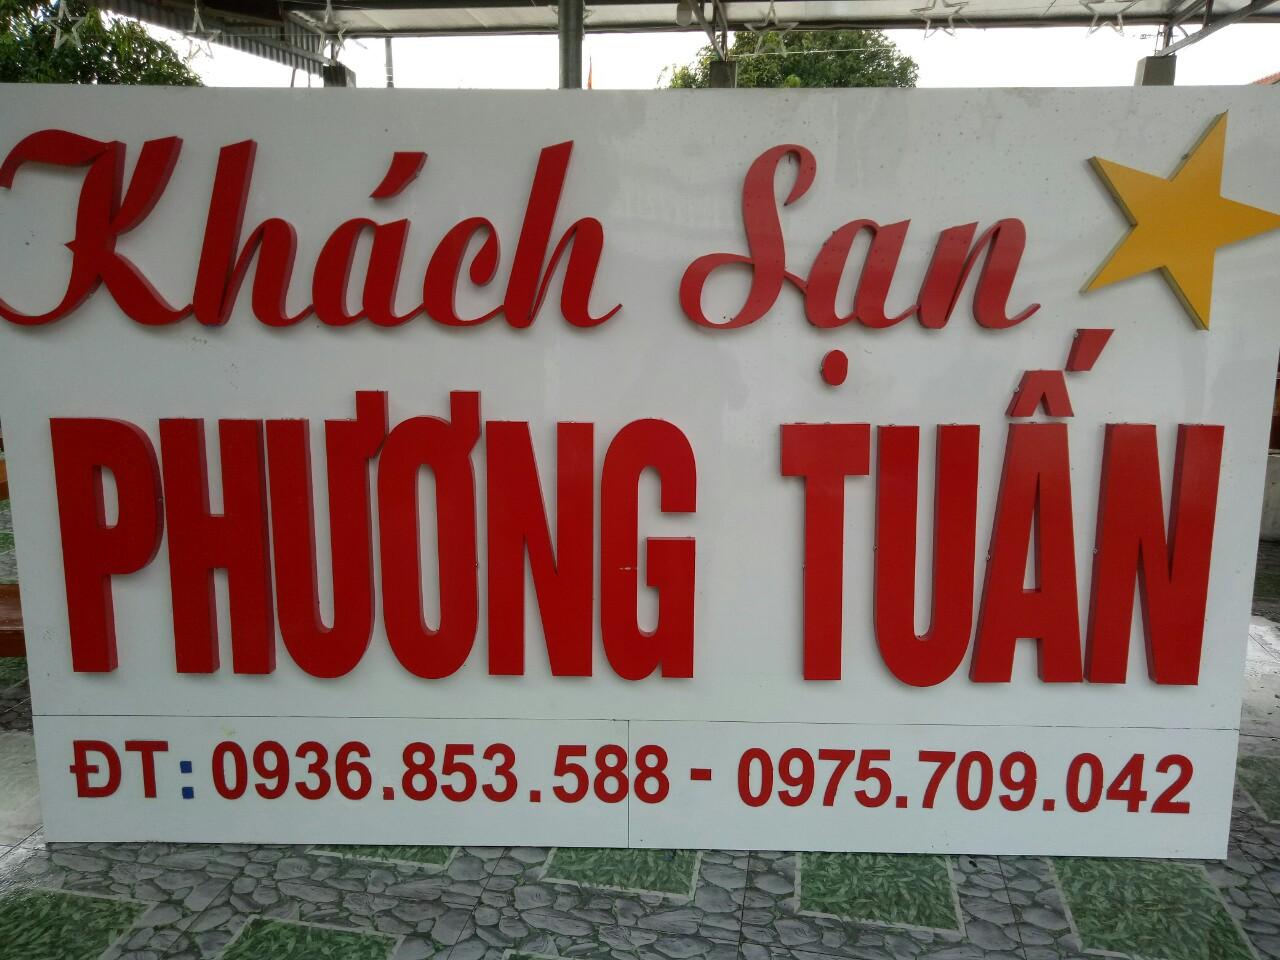 Khách Sạn Phương Tuấn